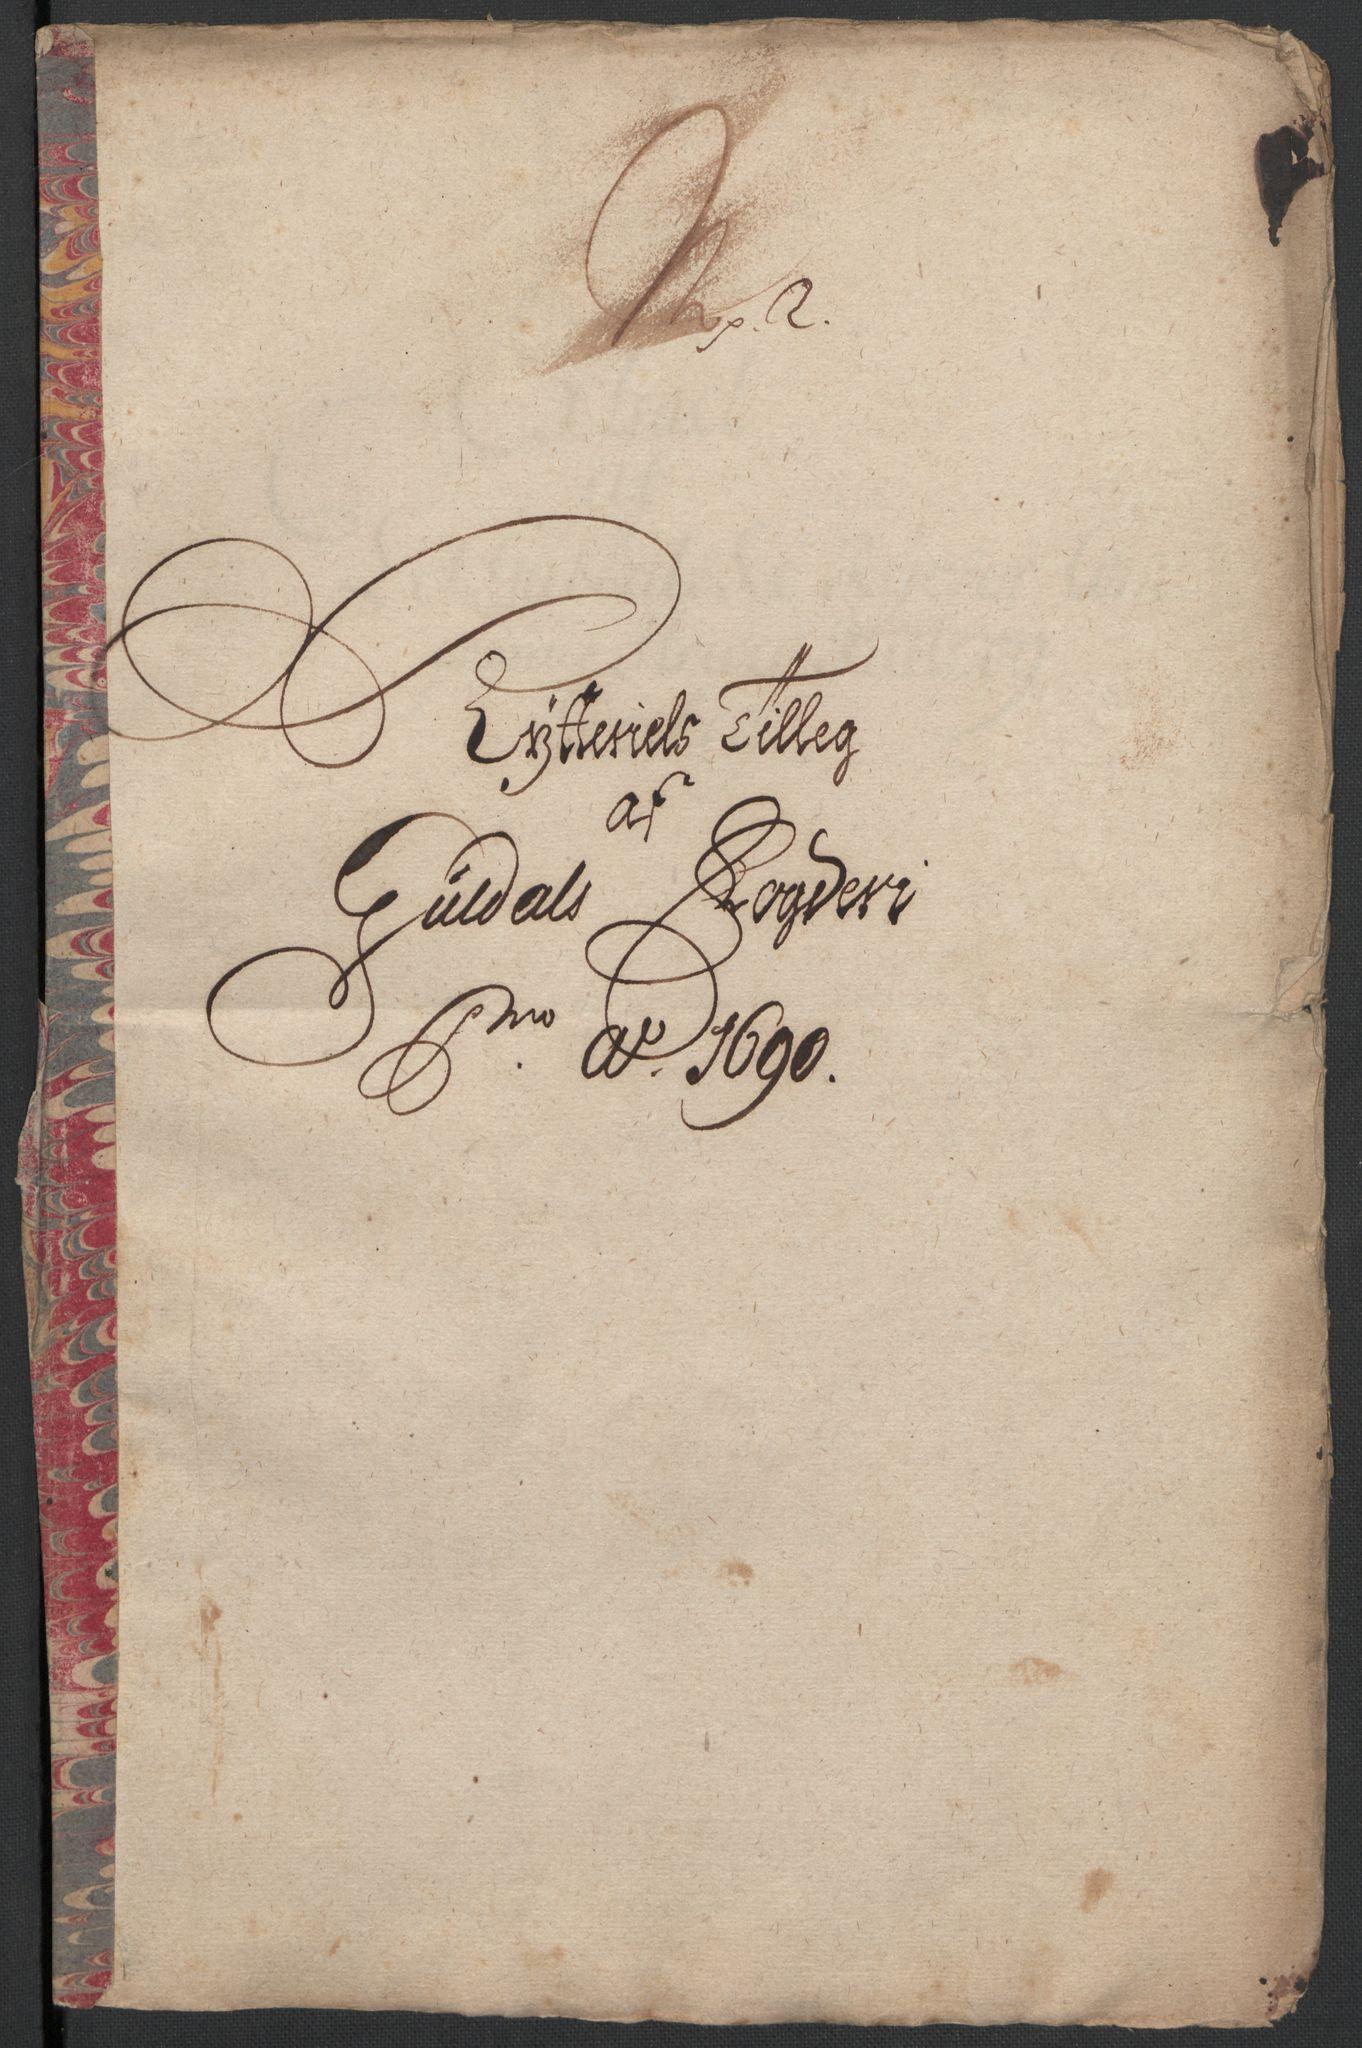 RA, Rentekammeret inntil 1814, Reviderte regnskaper, Fogderegnskap, R59/L3940: Fogderegnskap Gauldal, 1689-1690, s. 377